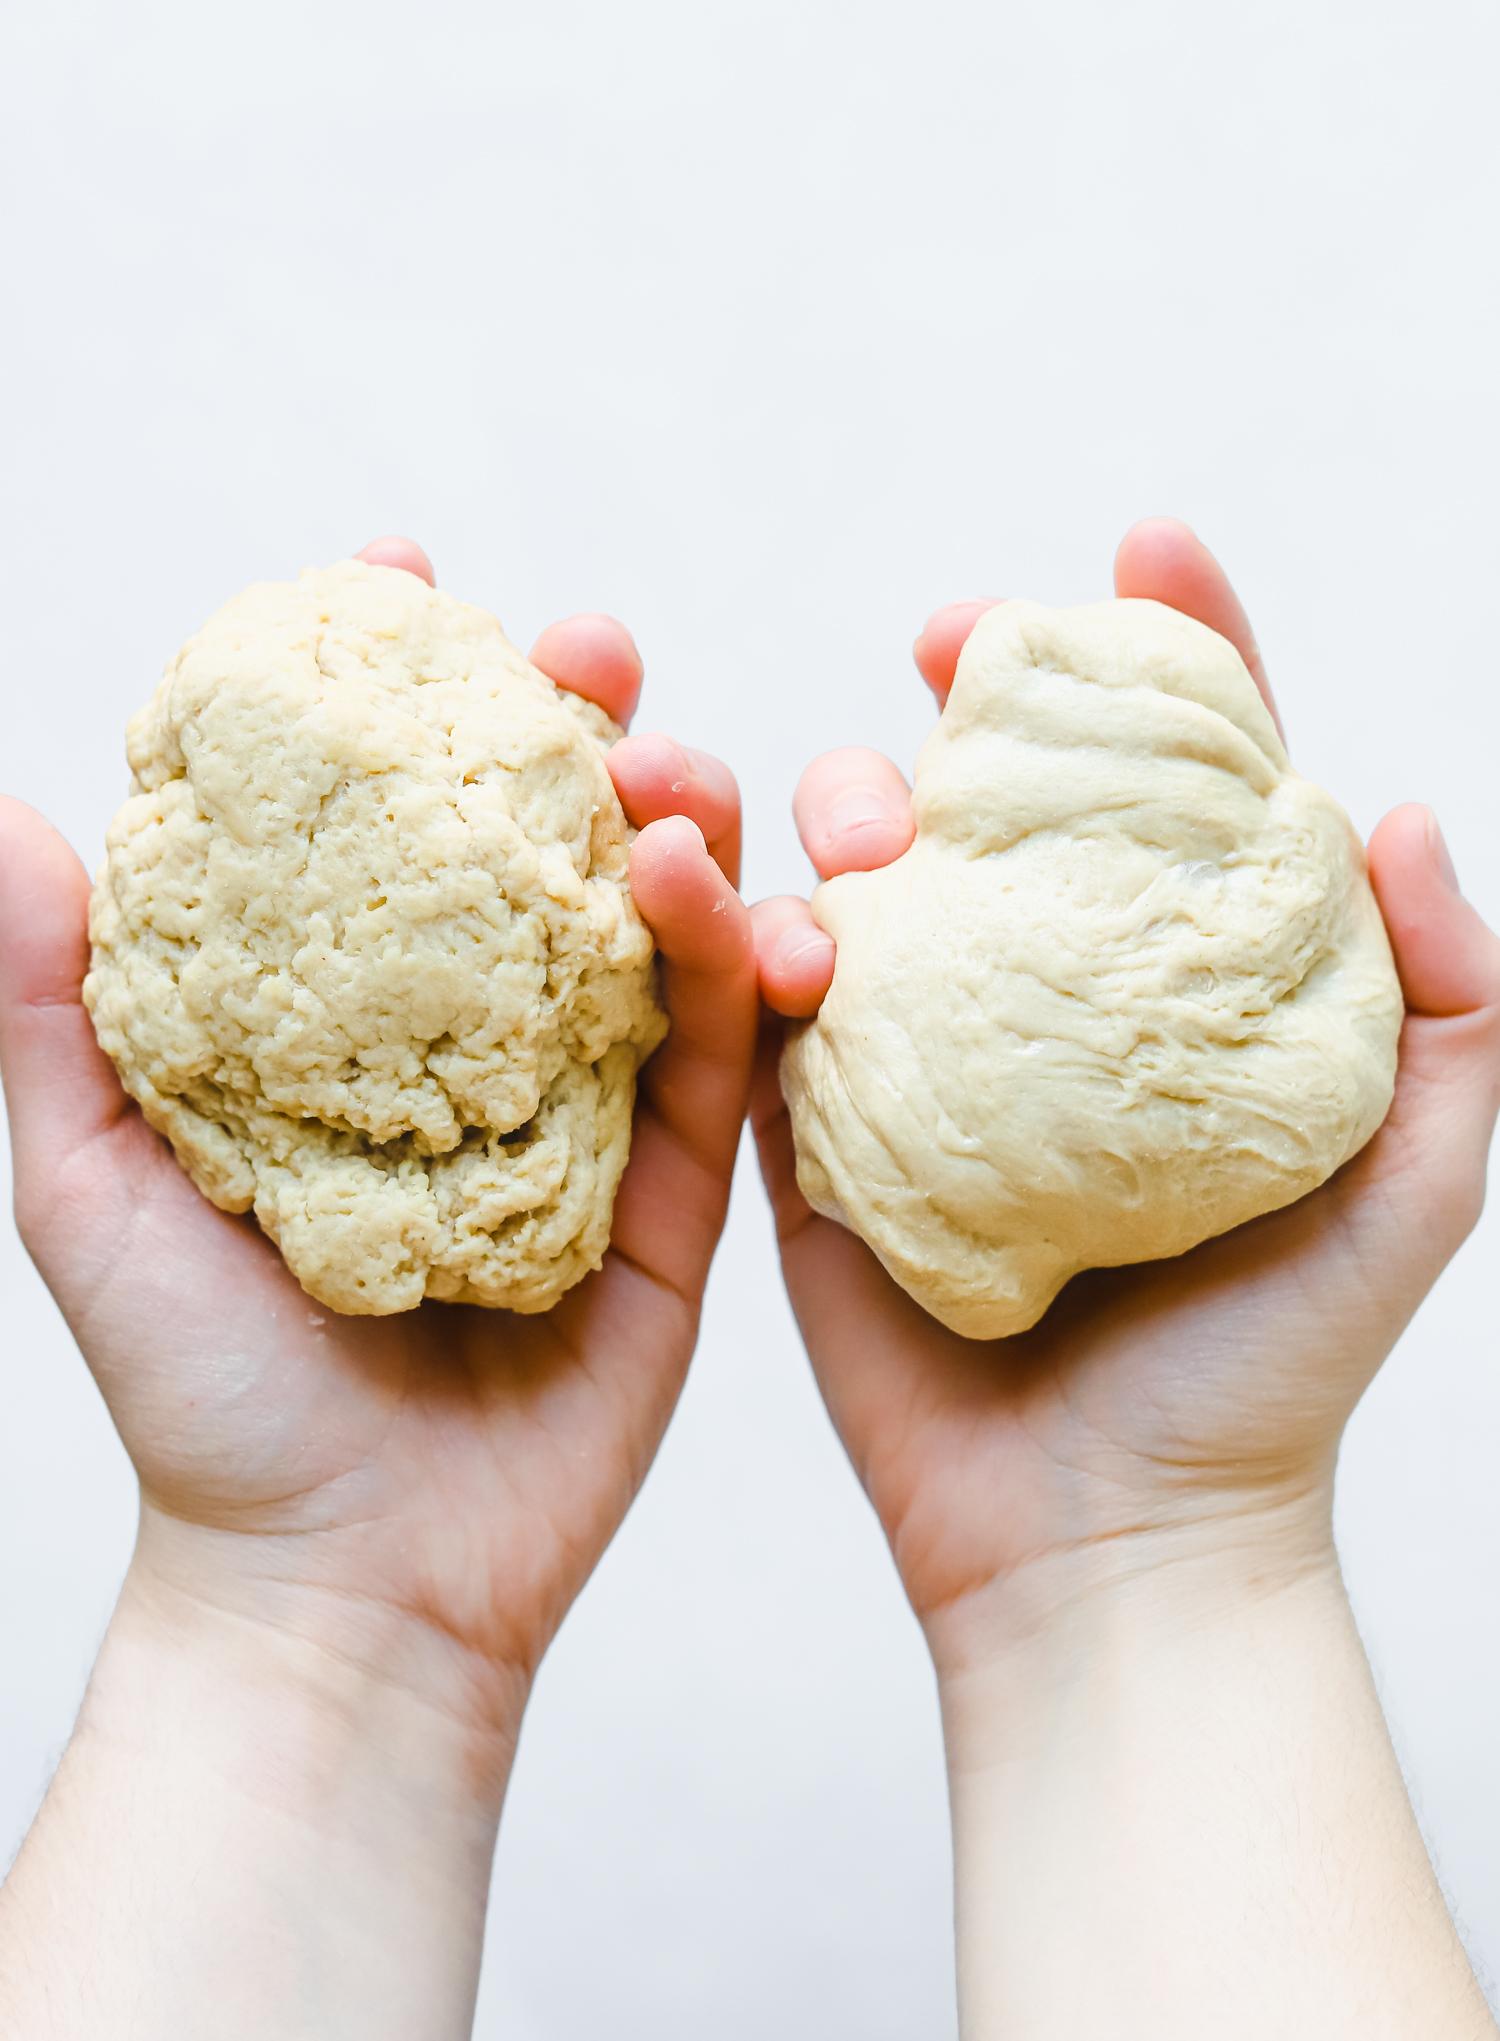 Unkneaded seitan dough and kneaded seitan dough.